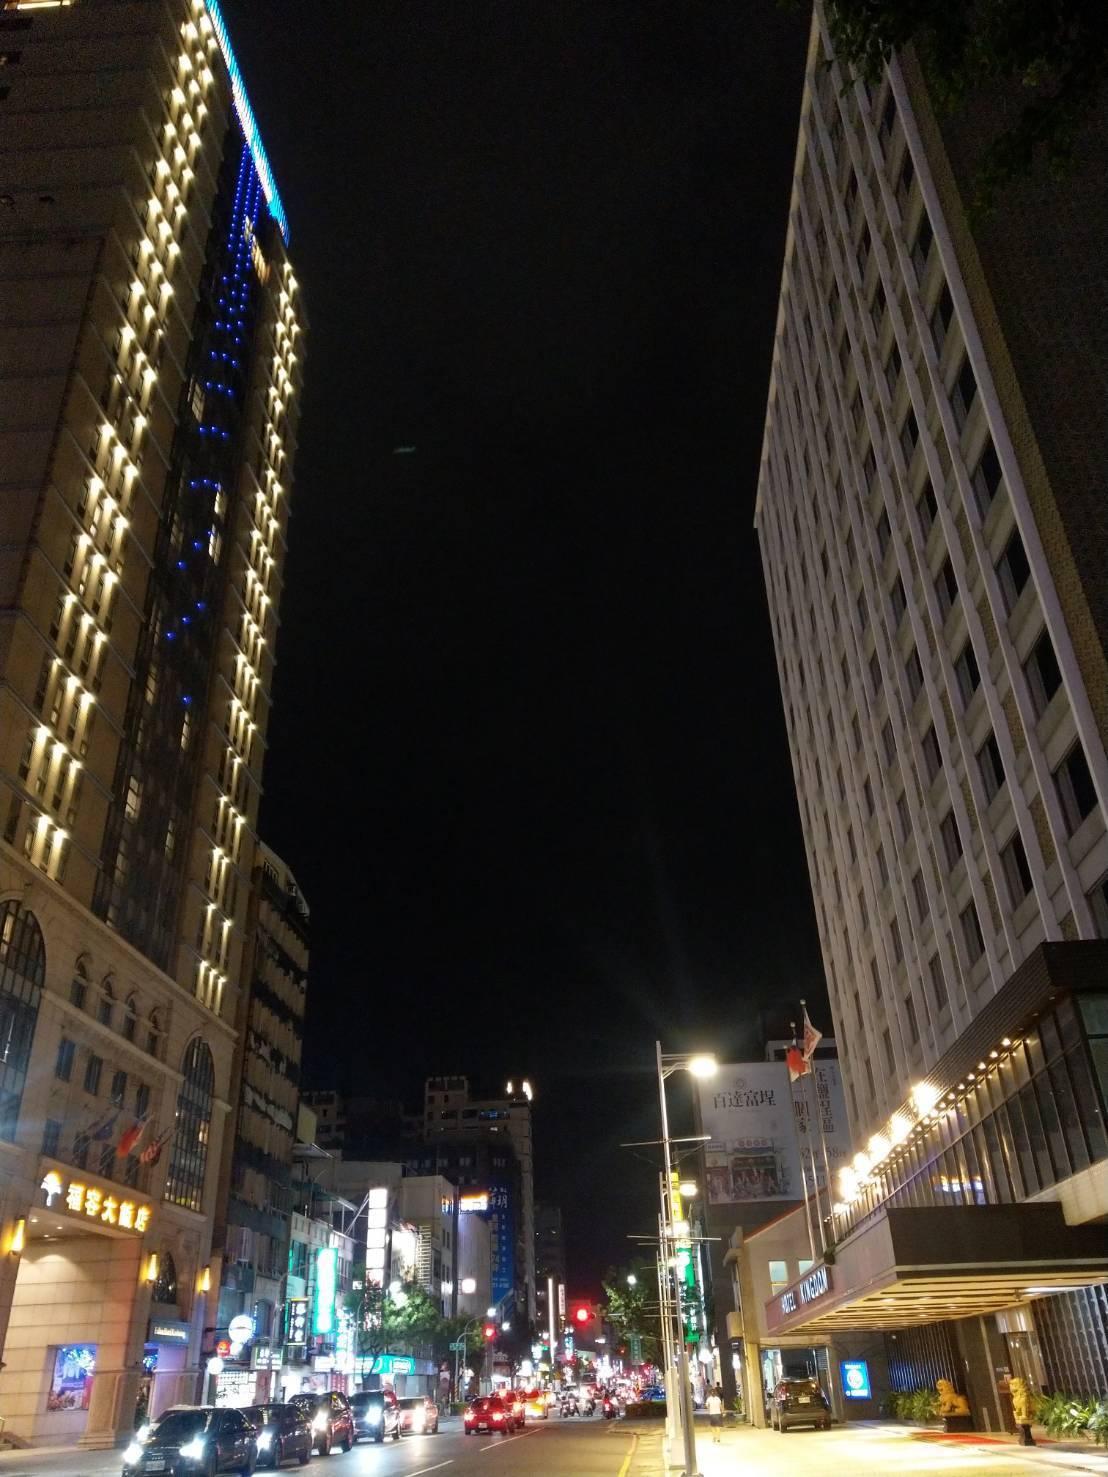 高雄市華王飯店驚傳今年11月起停止營業,但老高雄人都知道在愛河附近的華王飯店四十...